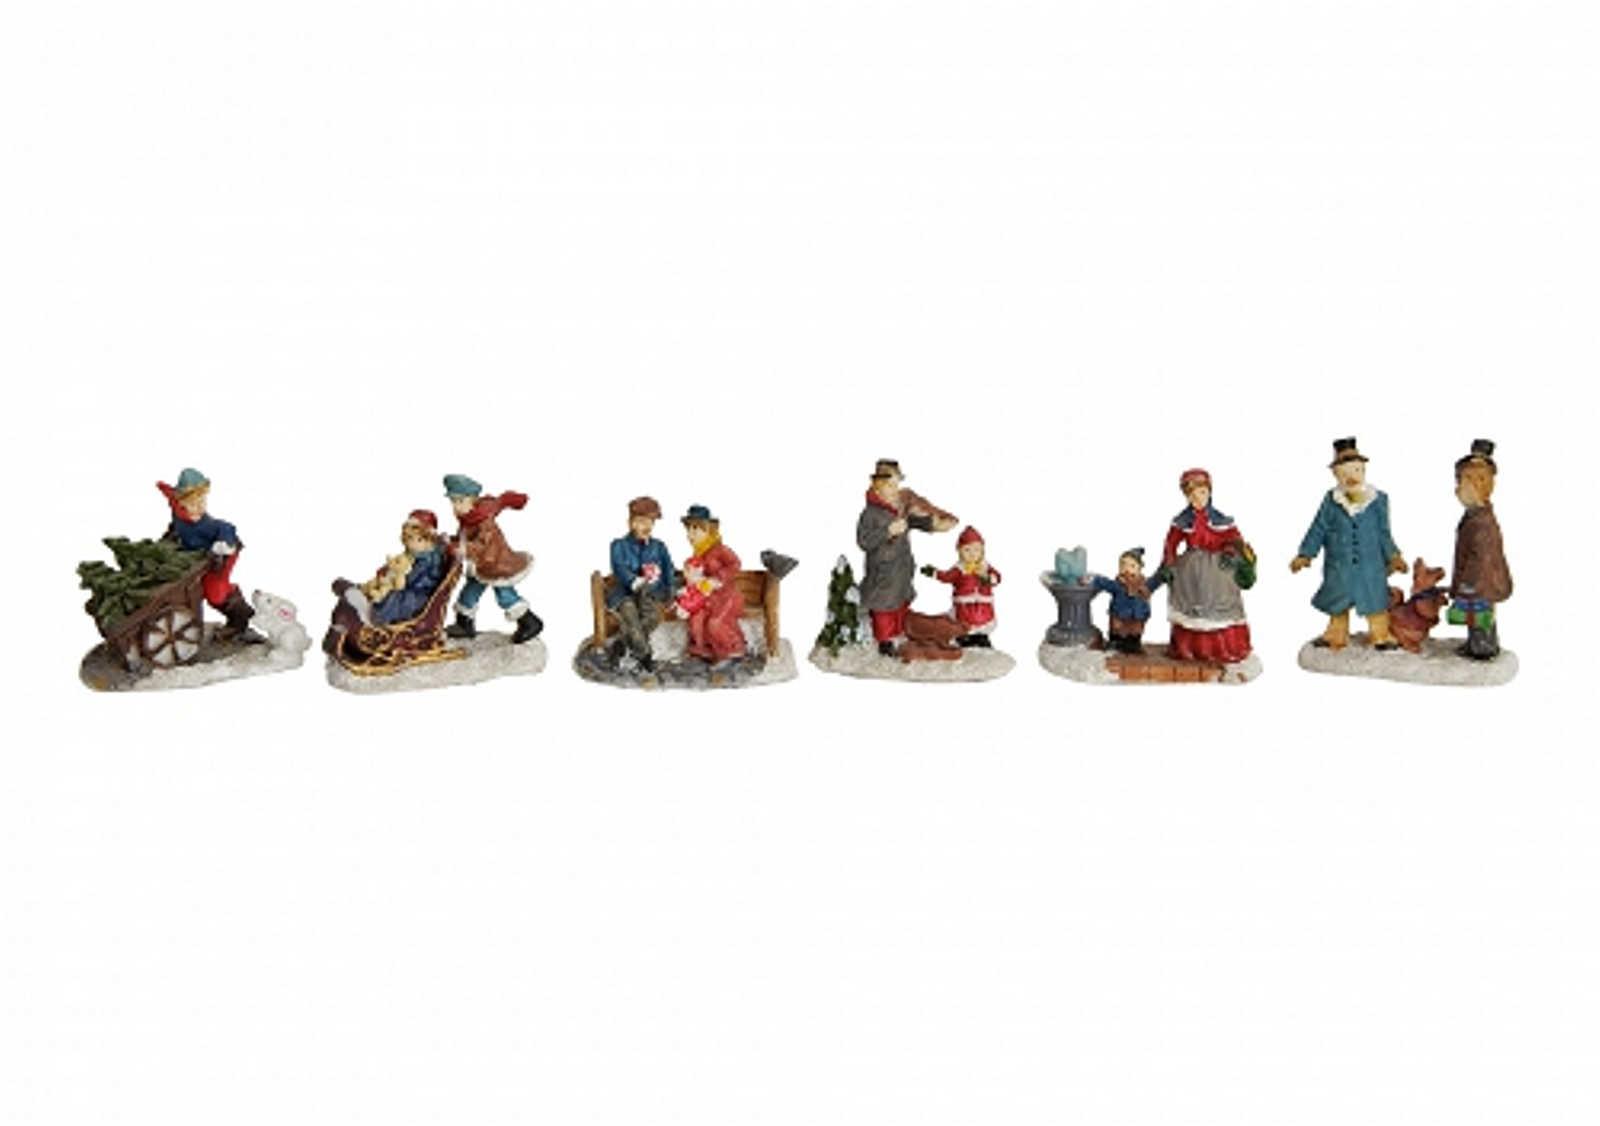 Lichthaus G Wurm Accessories Christmas Motifs Miniature Figures 1 5